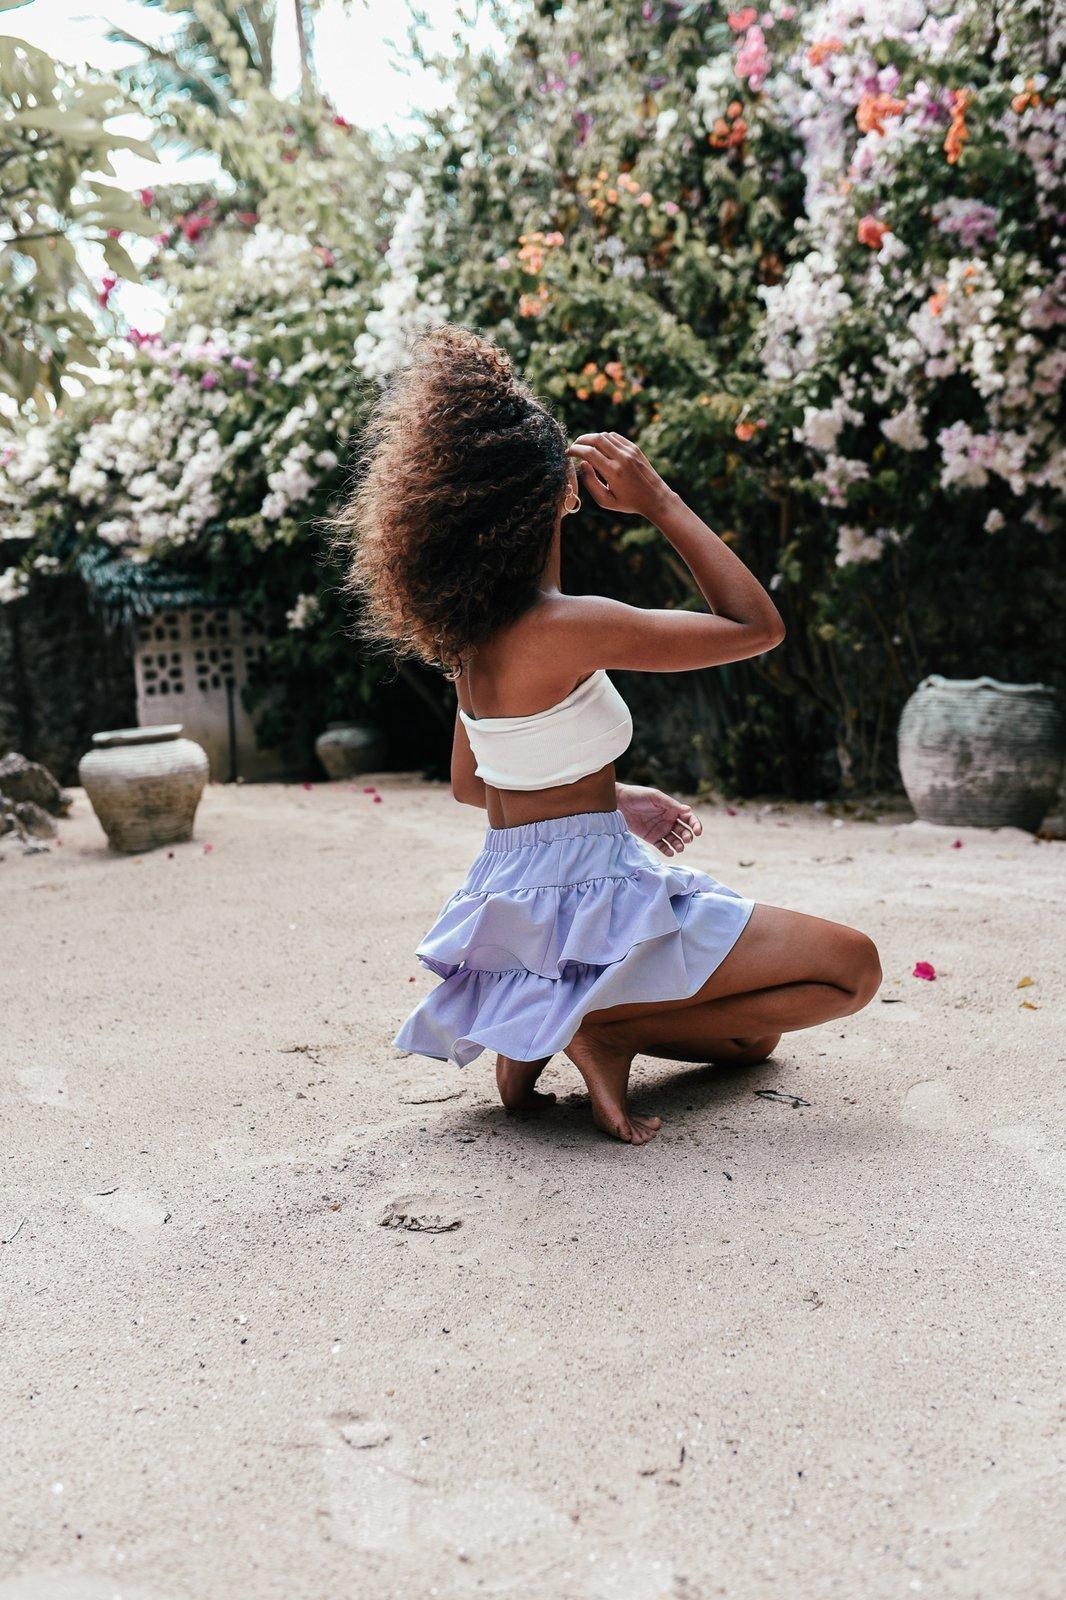 CHEAP Naya Lavender Skirt 28617024017 – Women's Dresses & Skirts